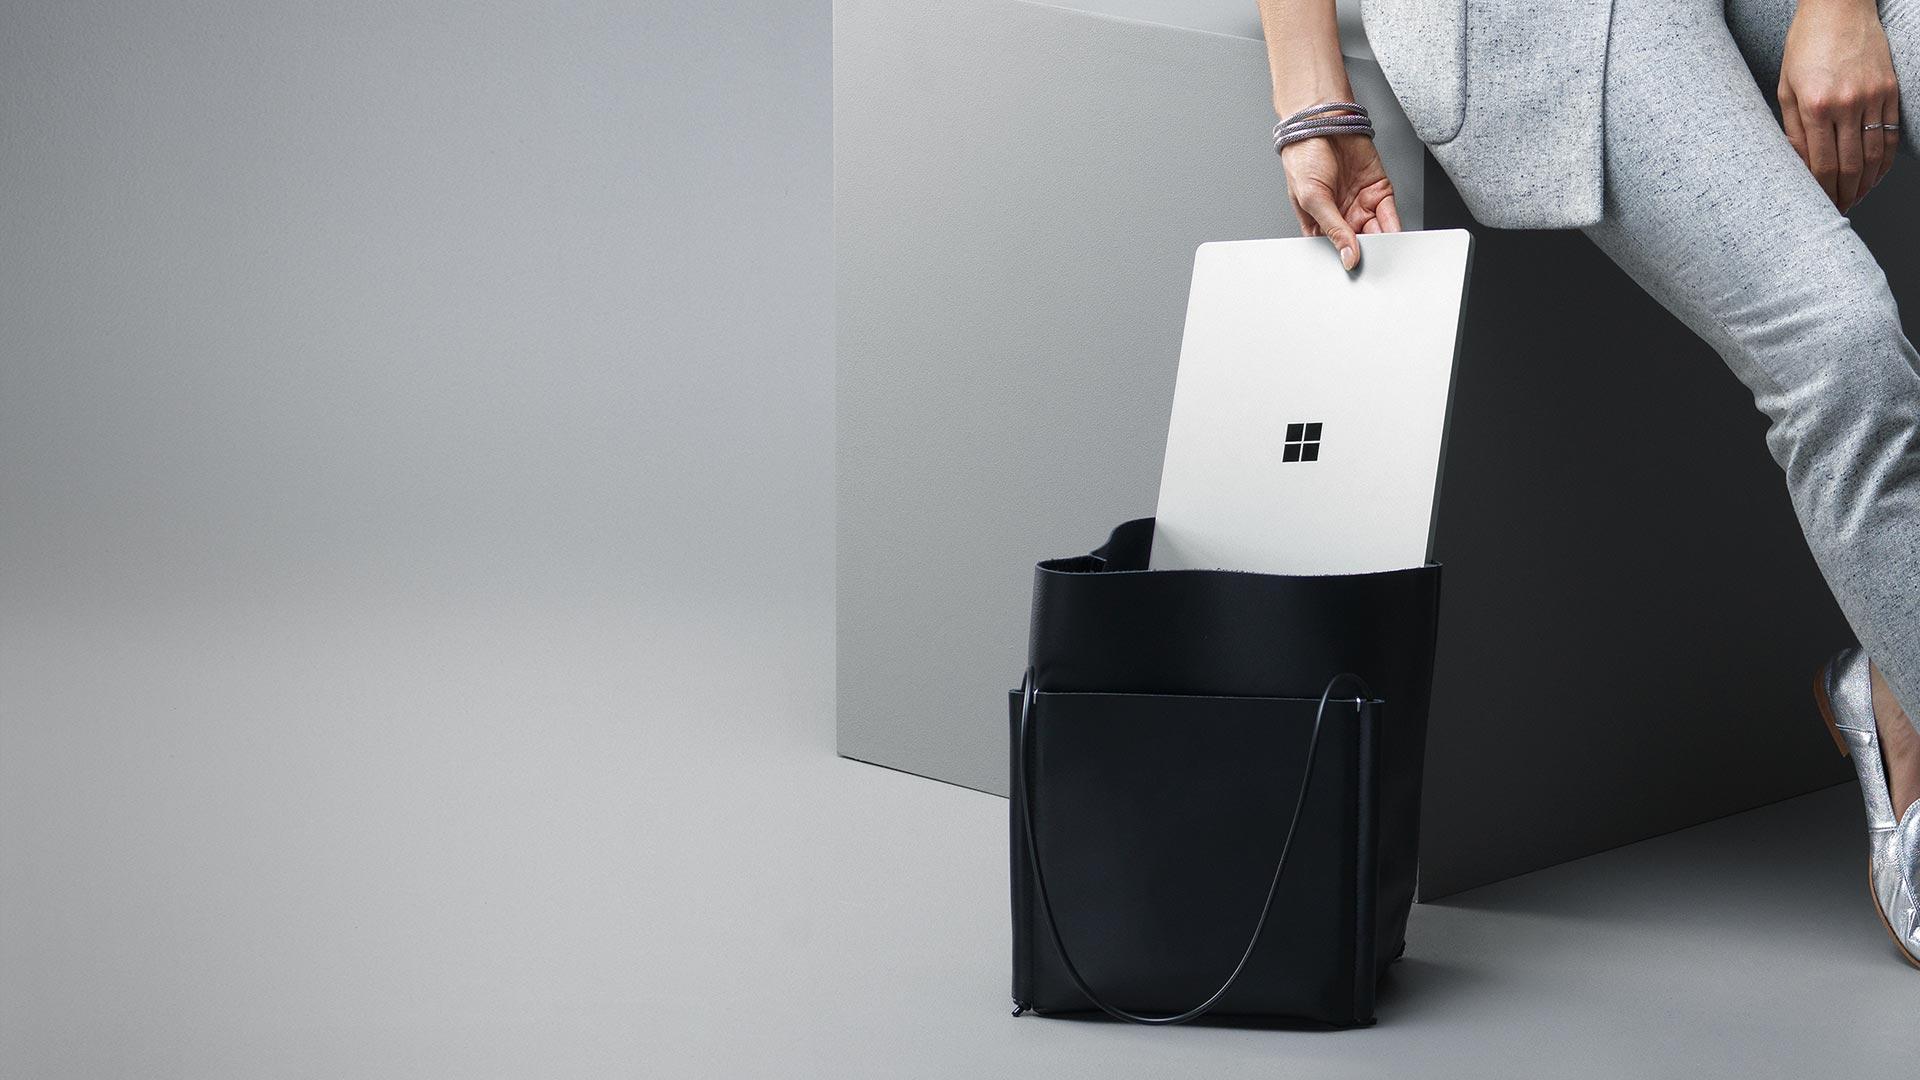 女人將白金色 Surface Laptop 放進包包裡。